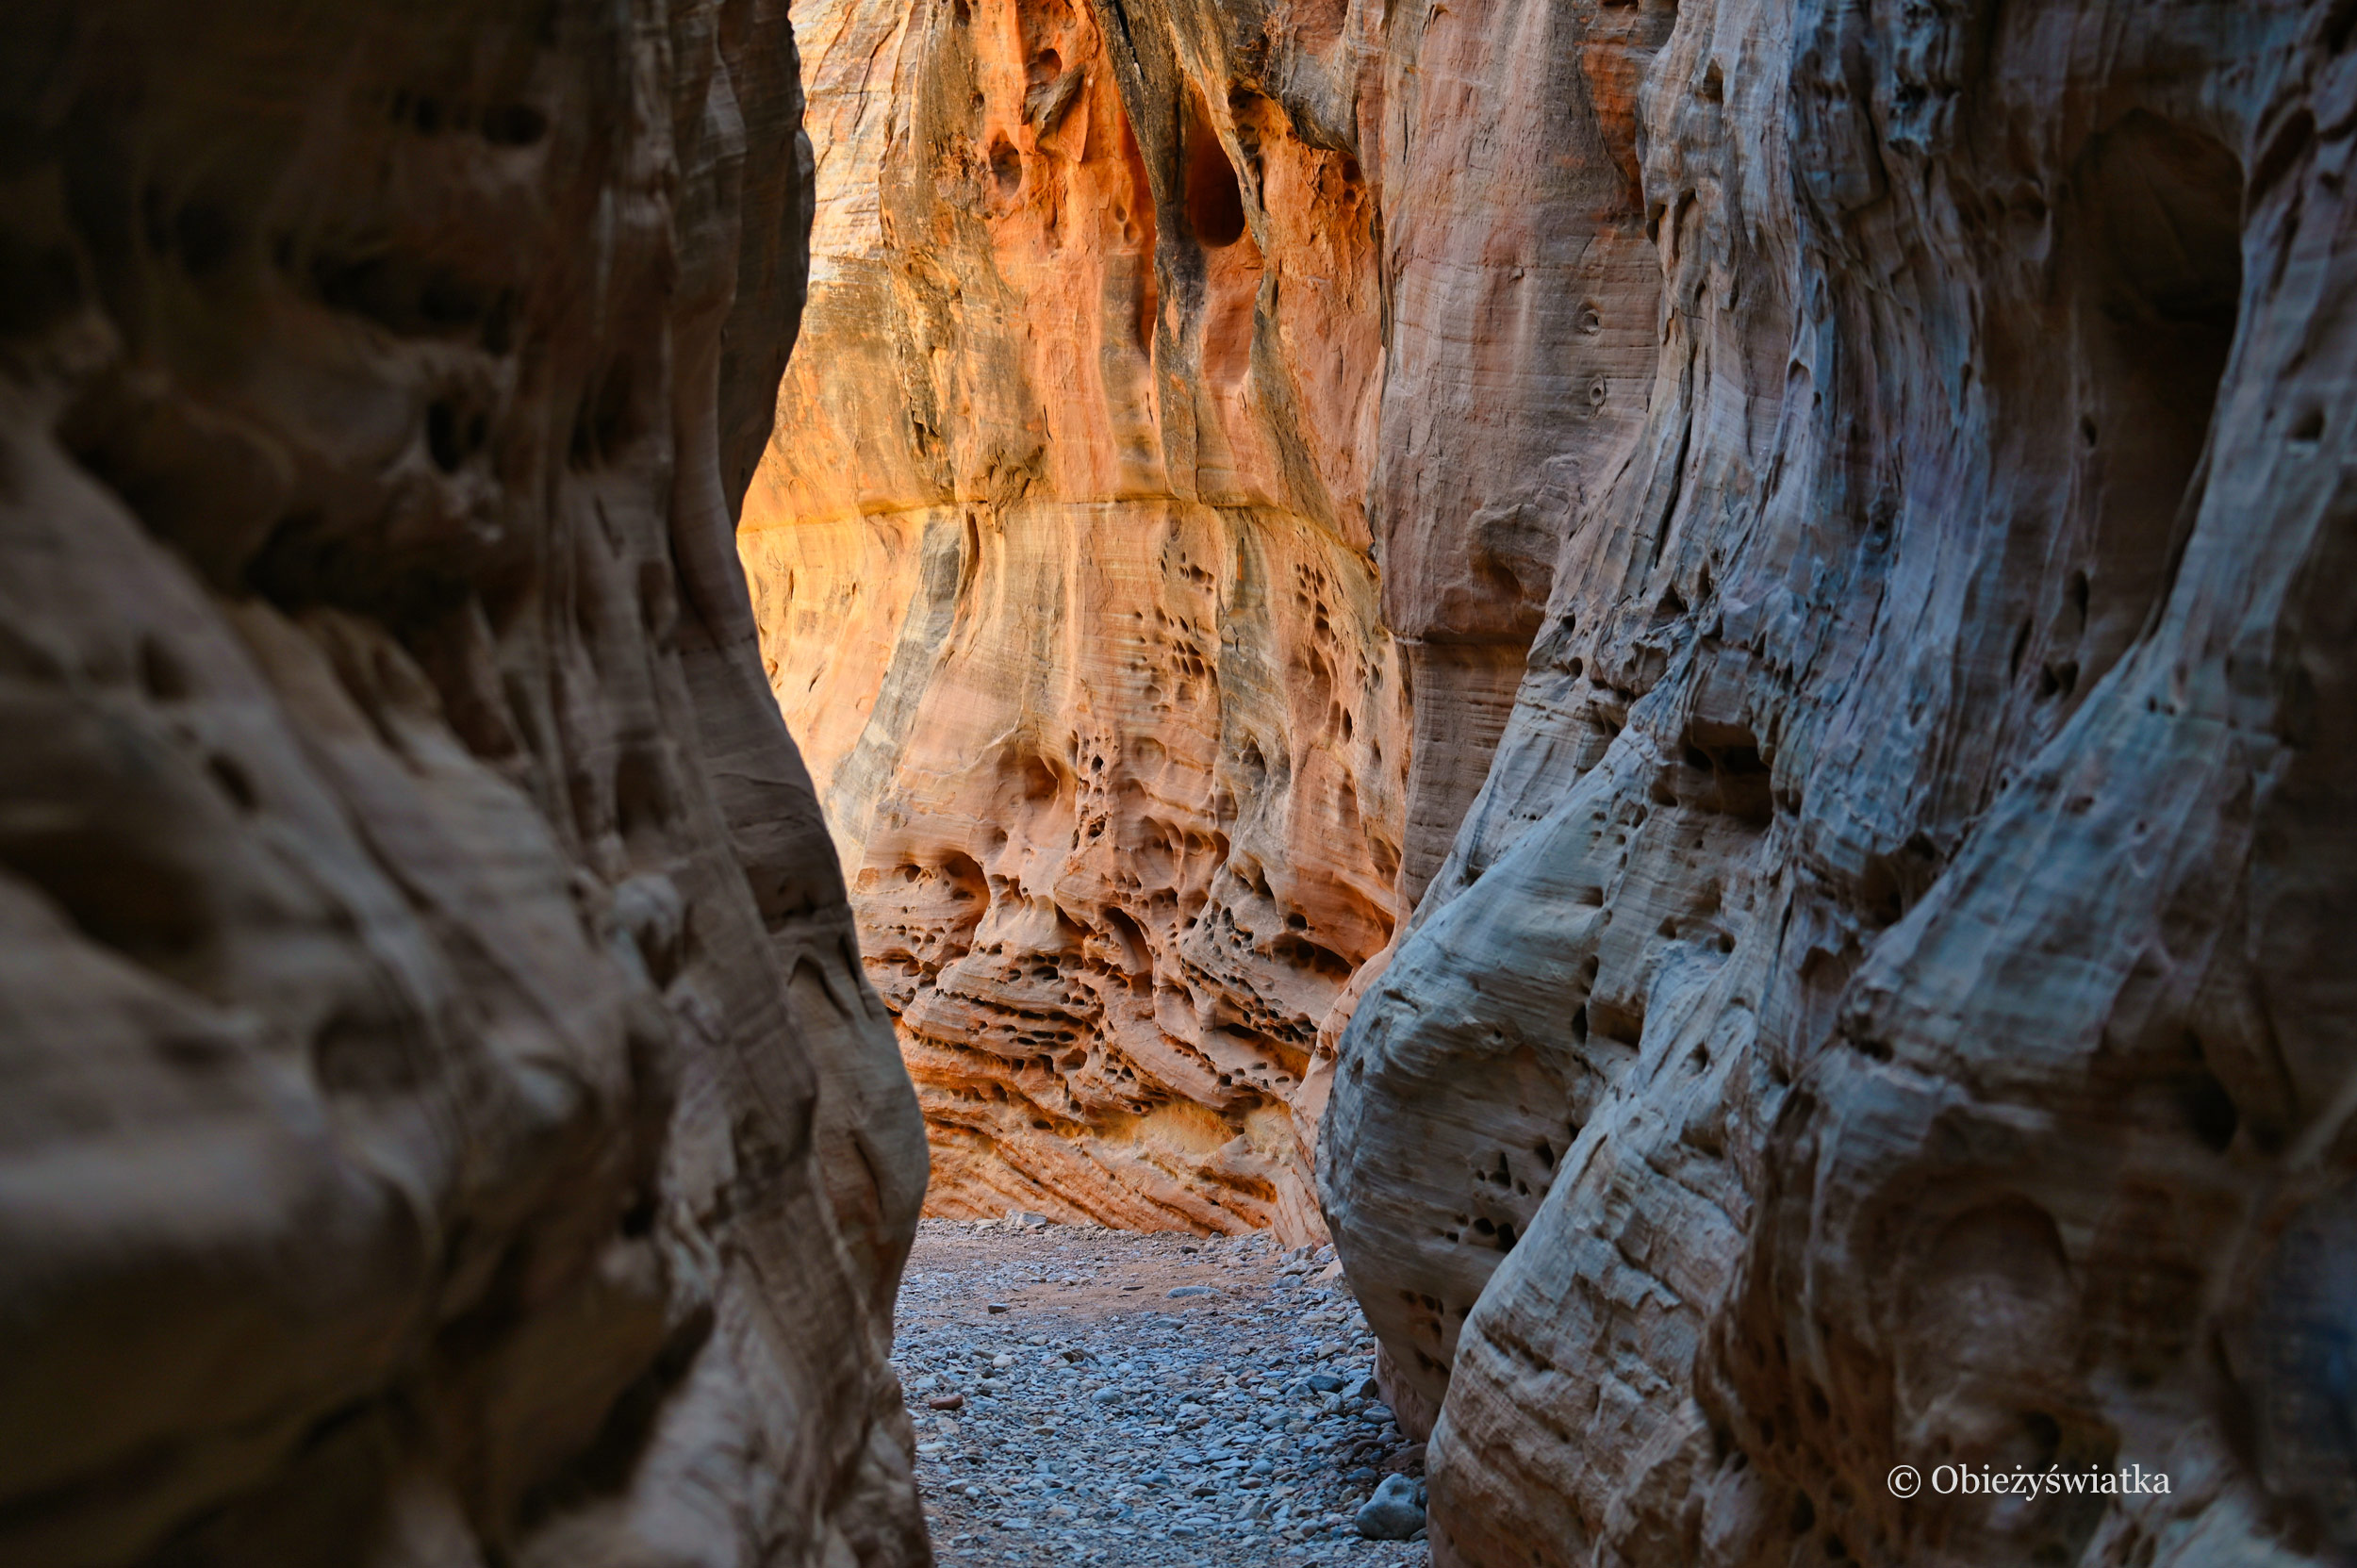 Czasami szlaki prowadzą między wąskimi skałami, wtedy jest troszkę cienia - Dolina Ognia